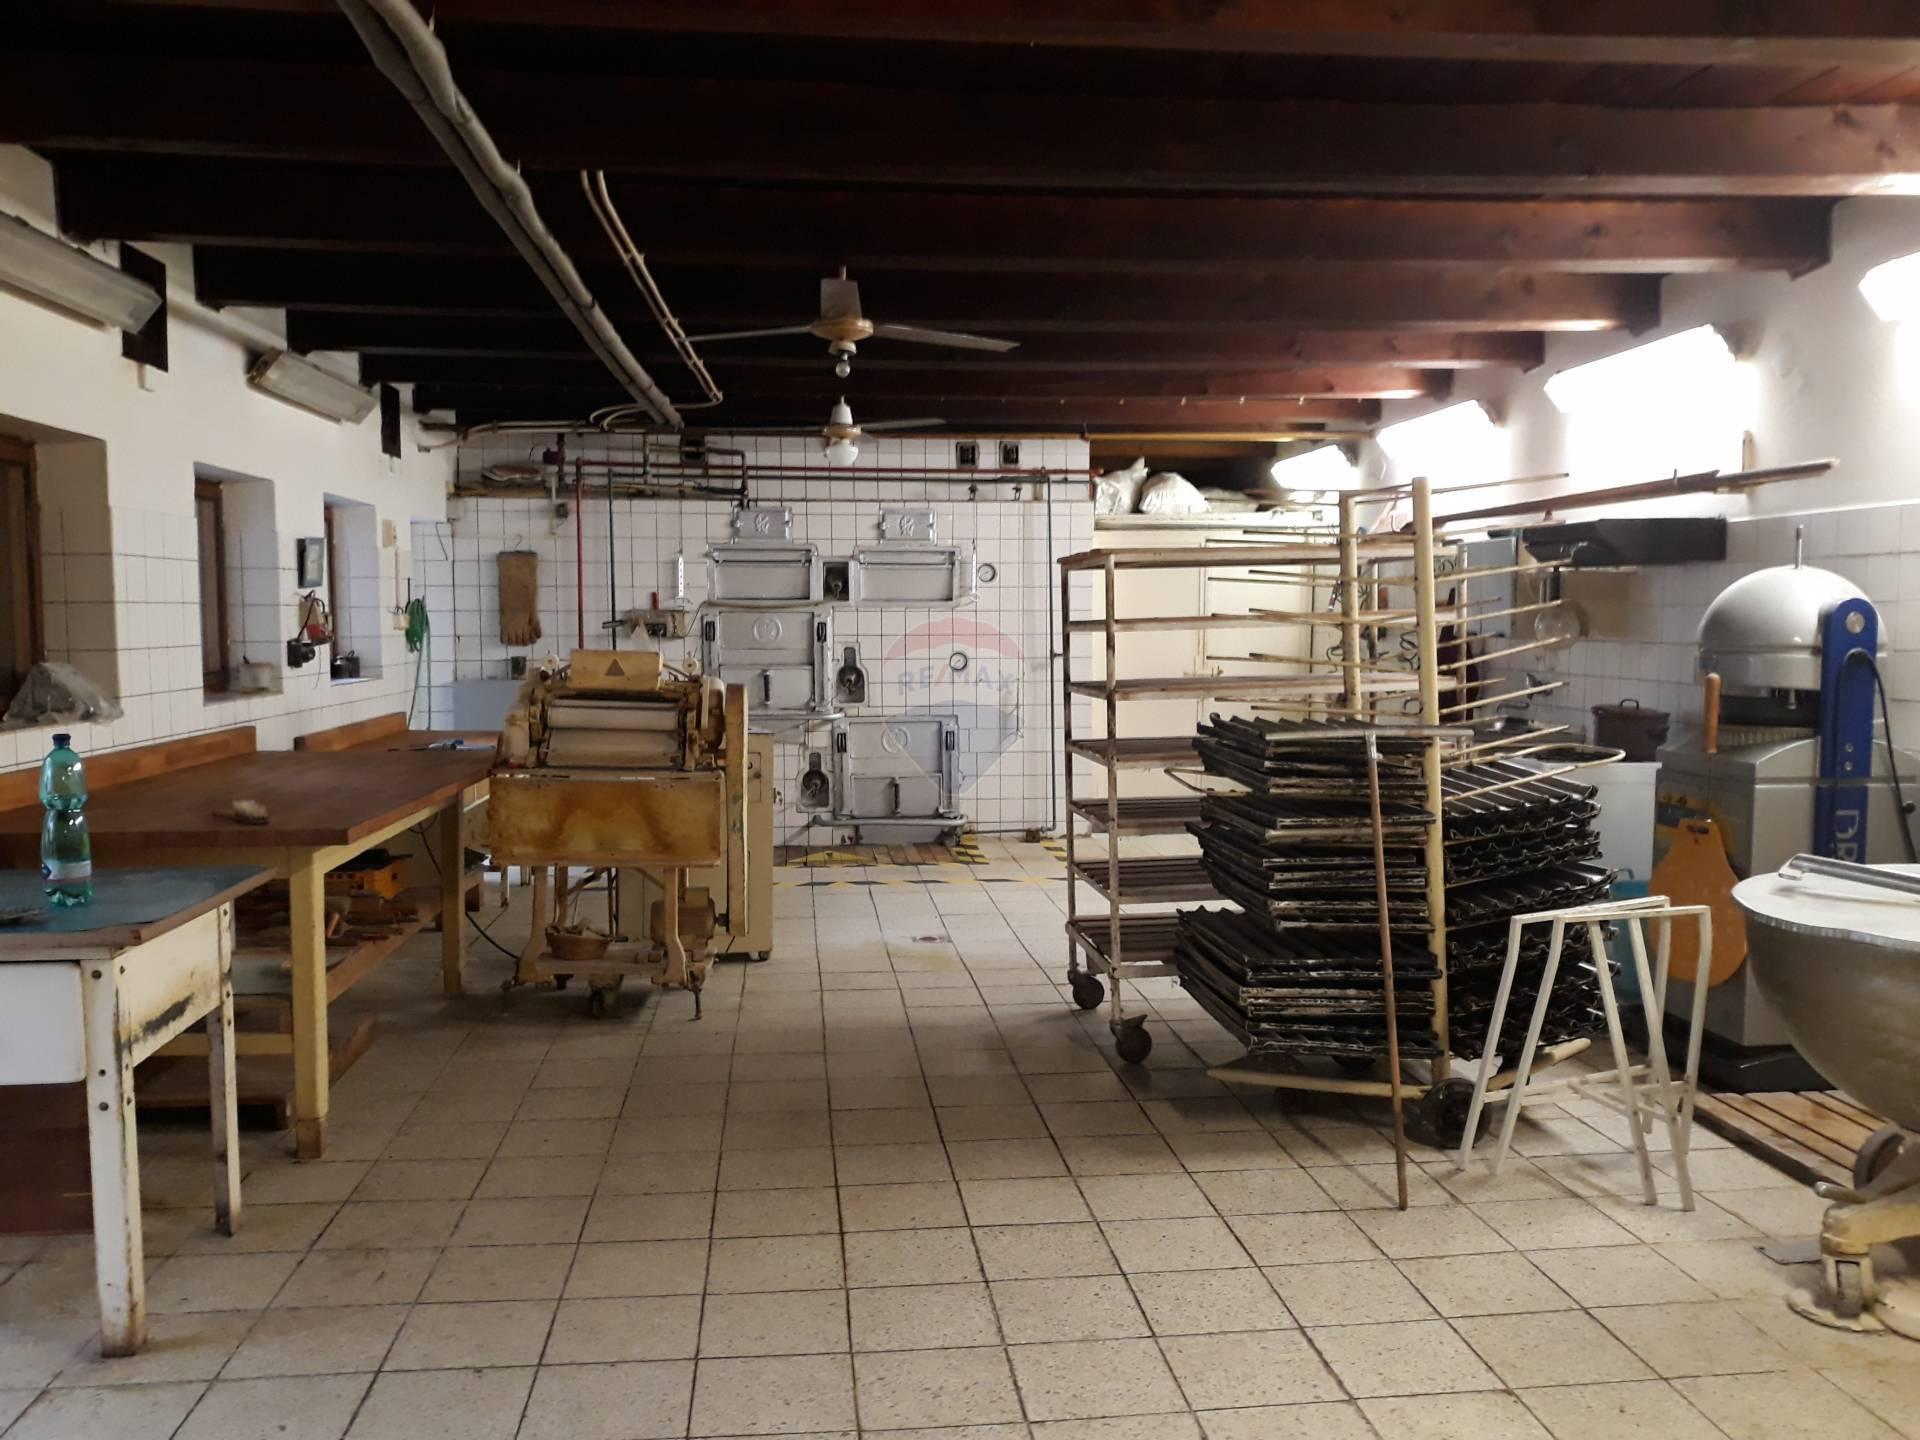 =RE/MAX= Na prenájom zabehnutá, zariadená pekáreň s obchodným priestorom, Hrnčiarovce